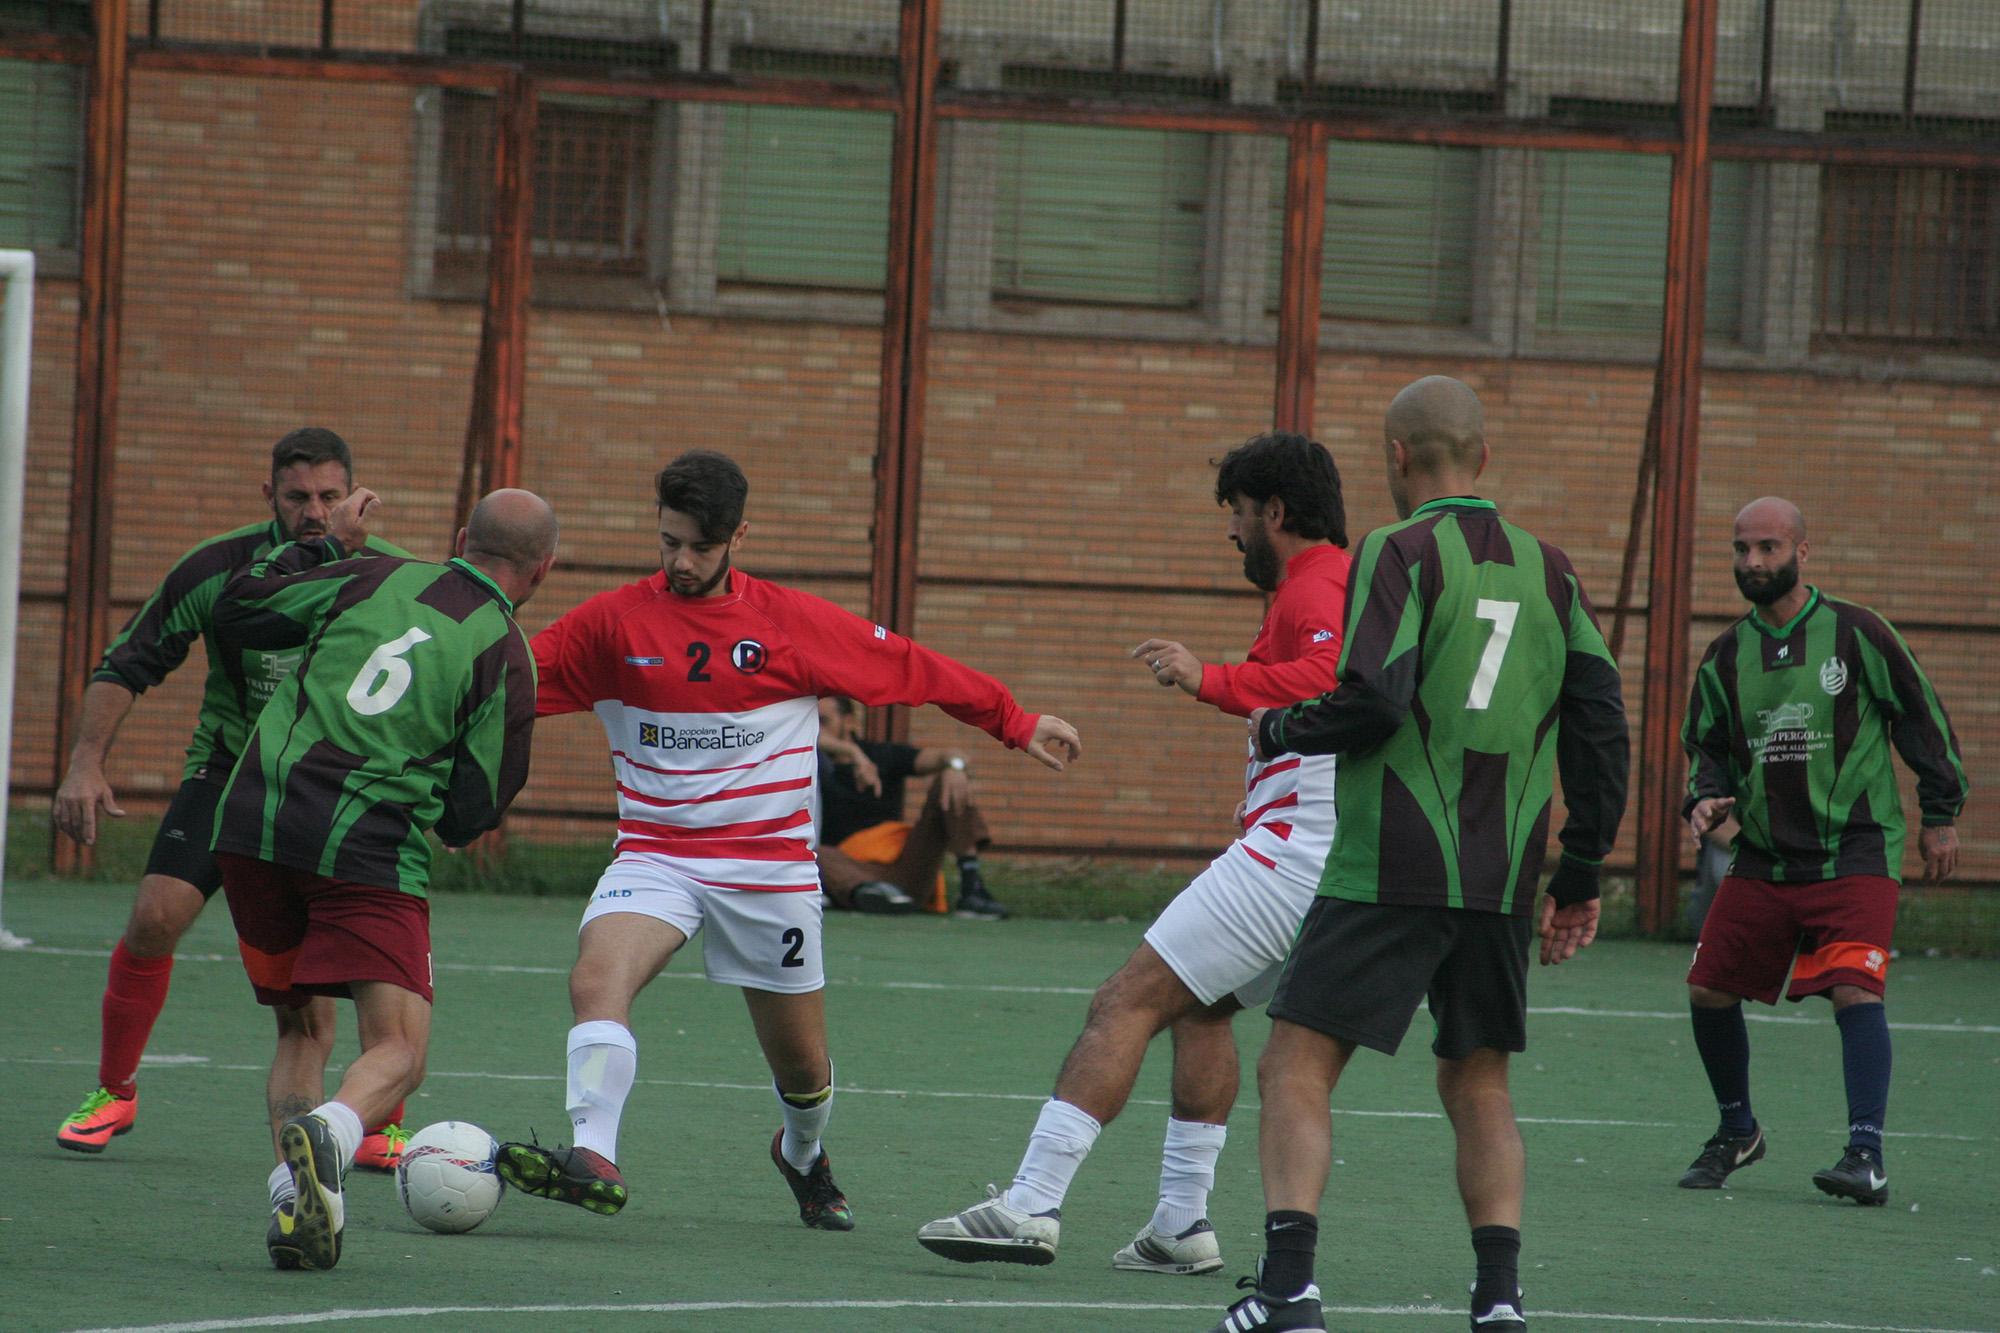 Un momento della partita tra Atletico Diritti e la nazionale dei detenuti di Rebibbia. Credit: Atletico Diritti